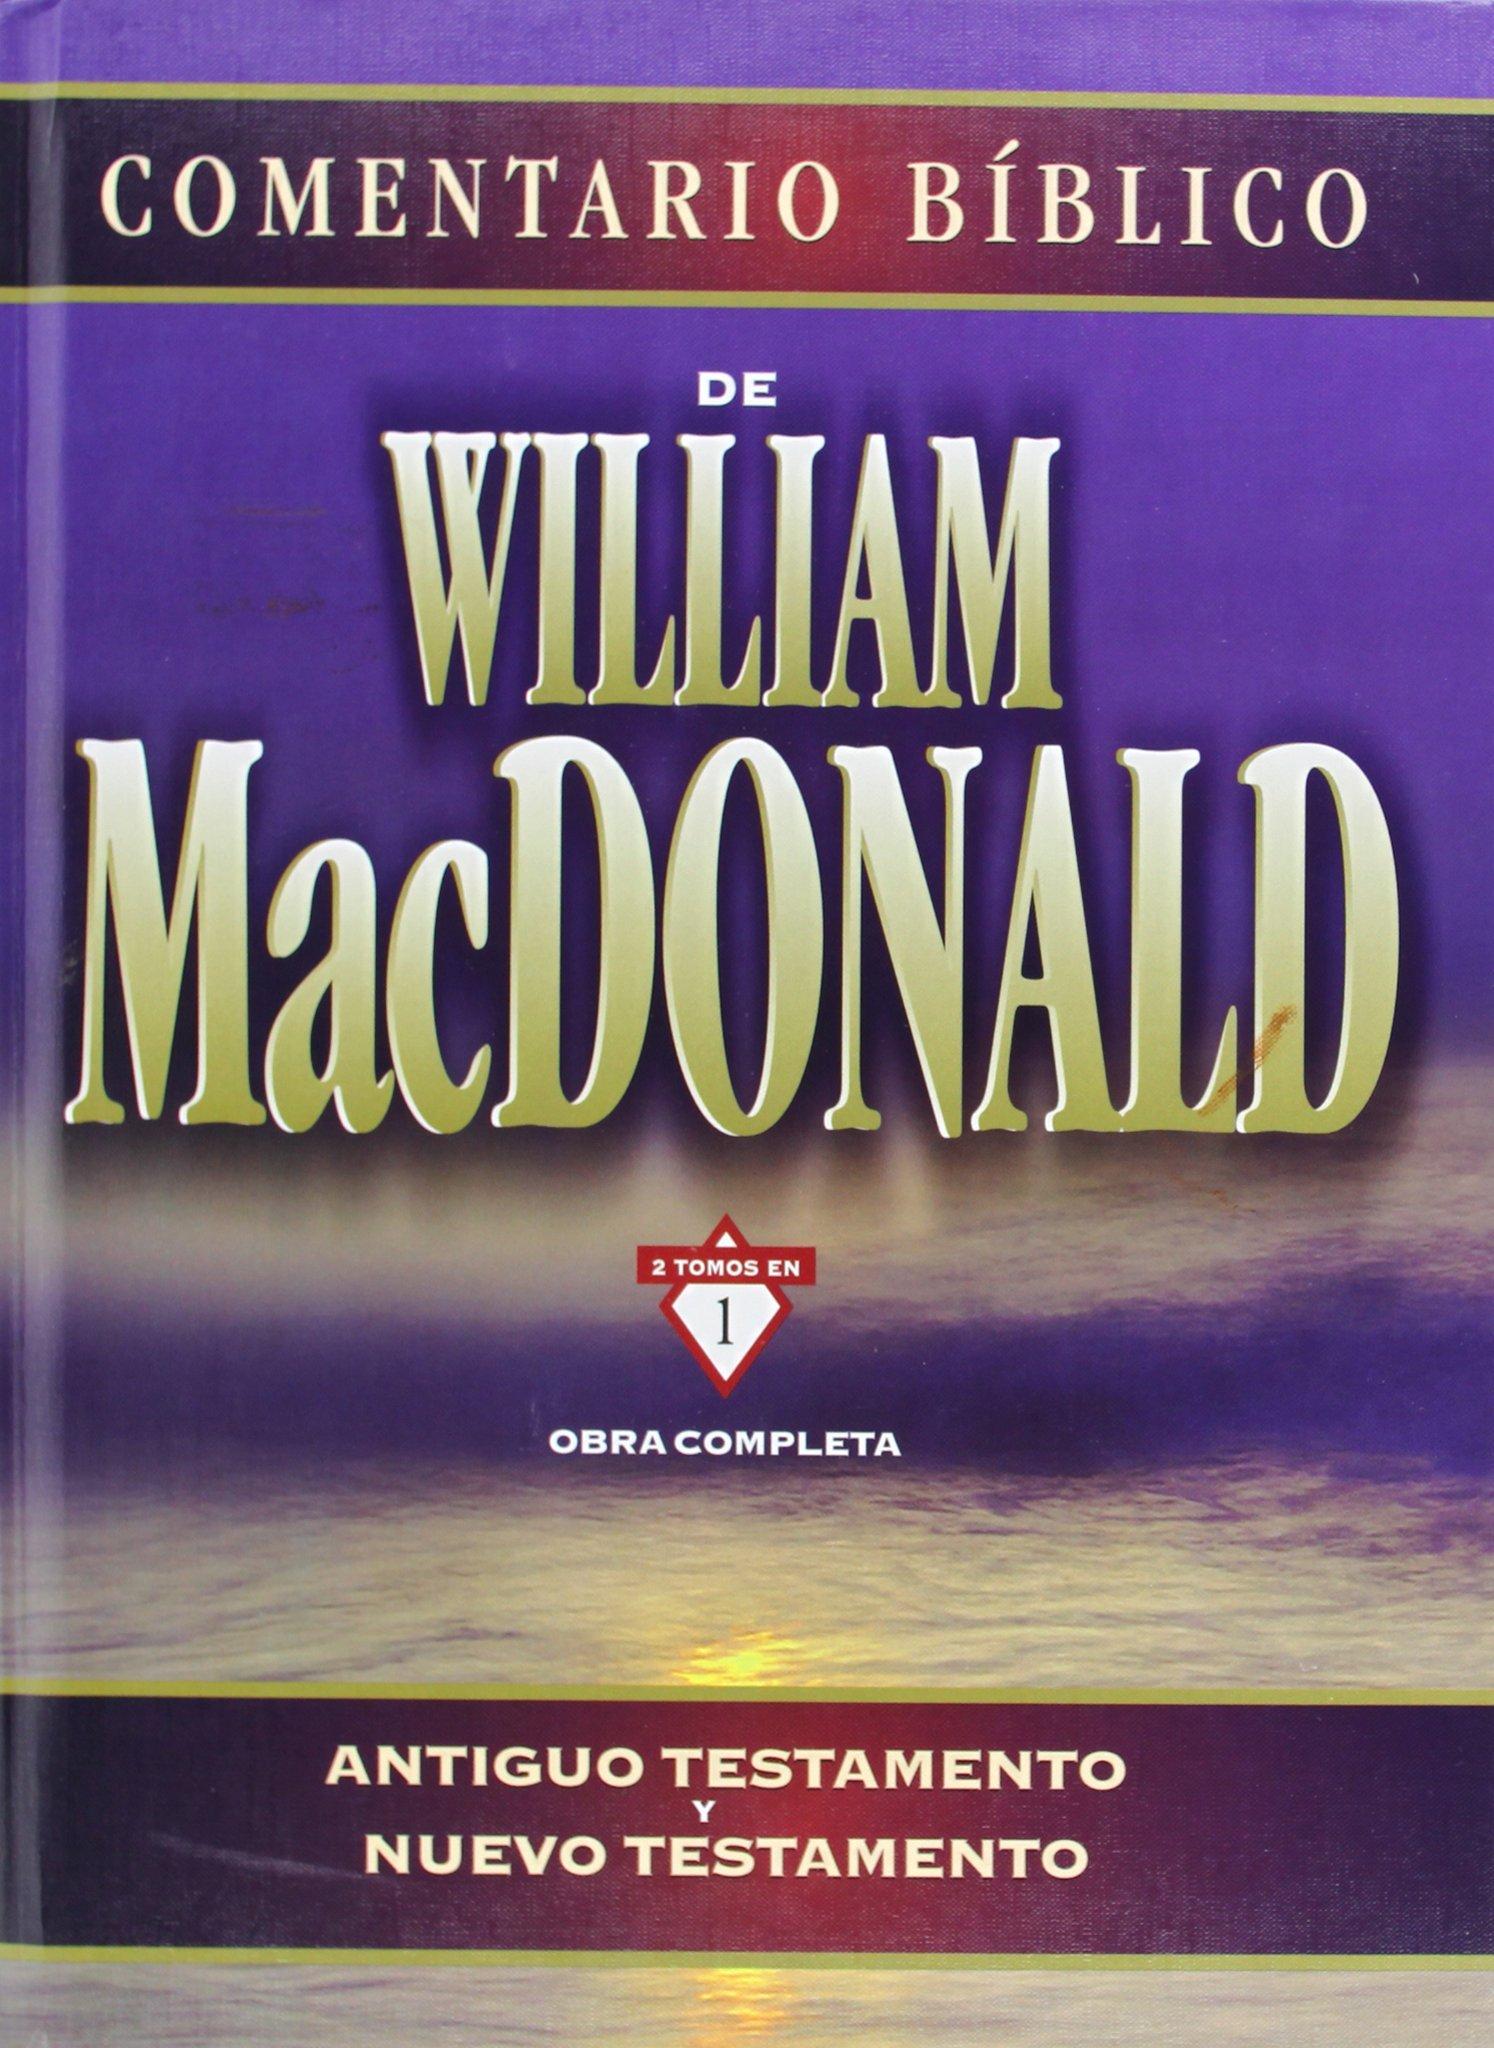 Comentario Biblico: Obra Completa (Antiguo Testamento / Nuevo Testamento) (Spanish  Edition): William MacDonald: 9788482674100: Amazon.com: Books